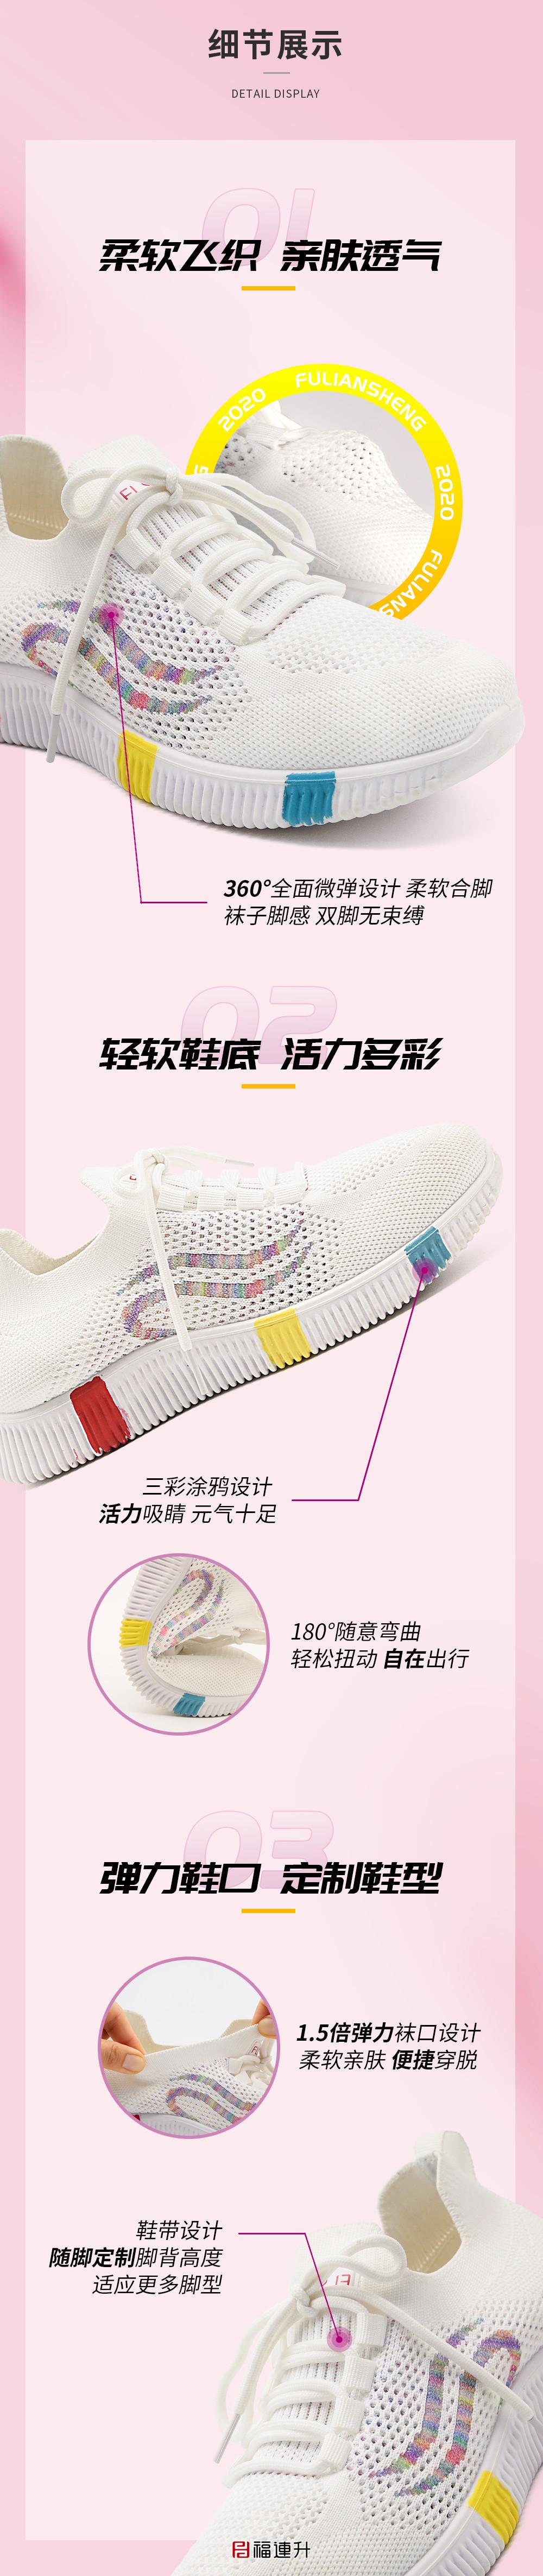 福连升老北京布鞋运动休闲超轻网眼透气夏款运动鞋图片